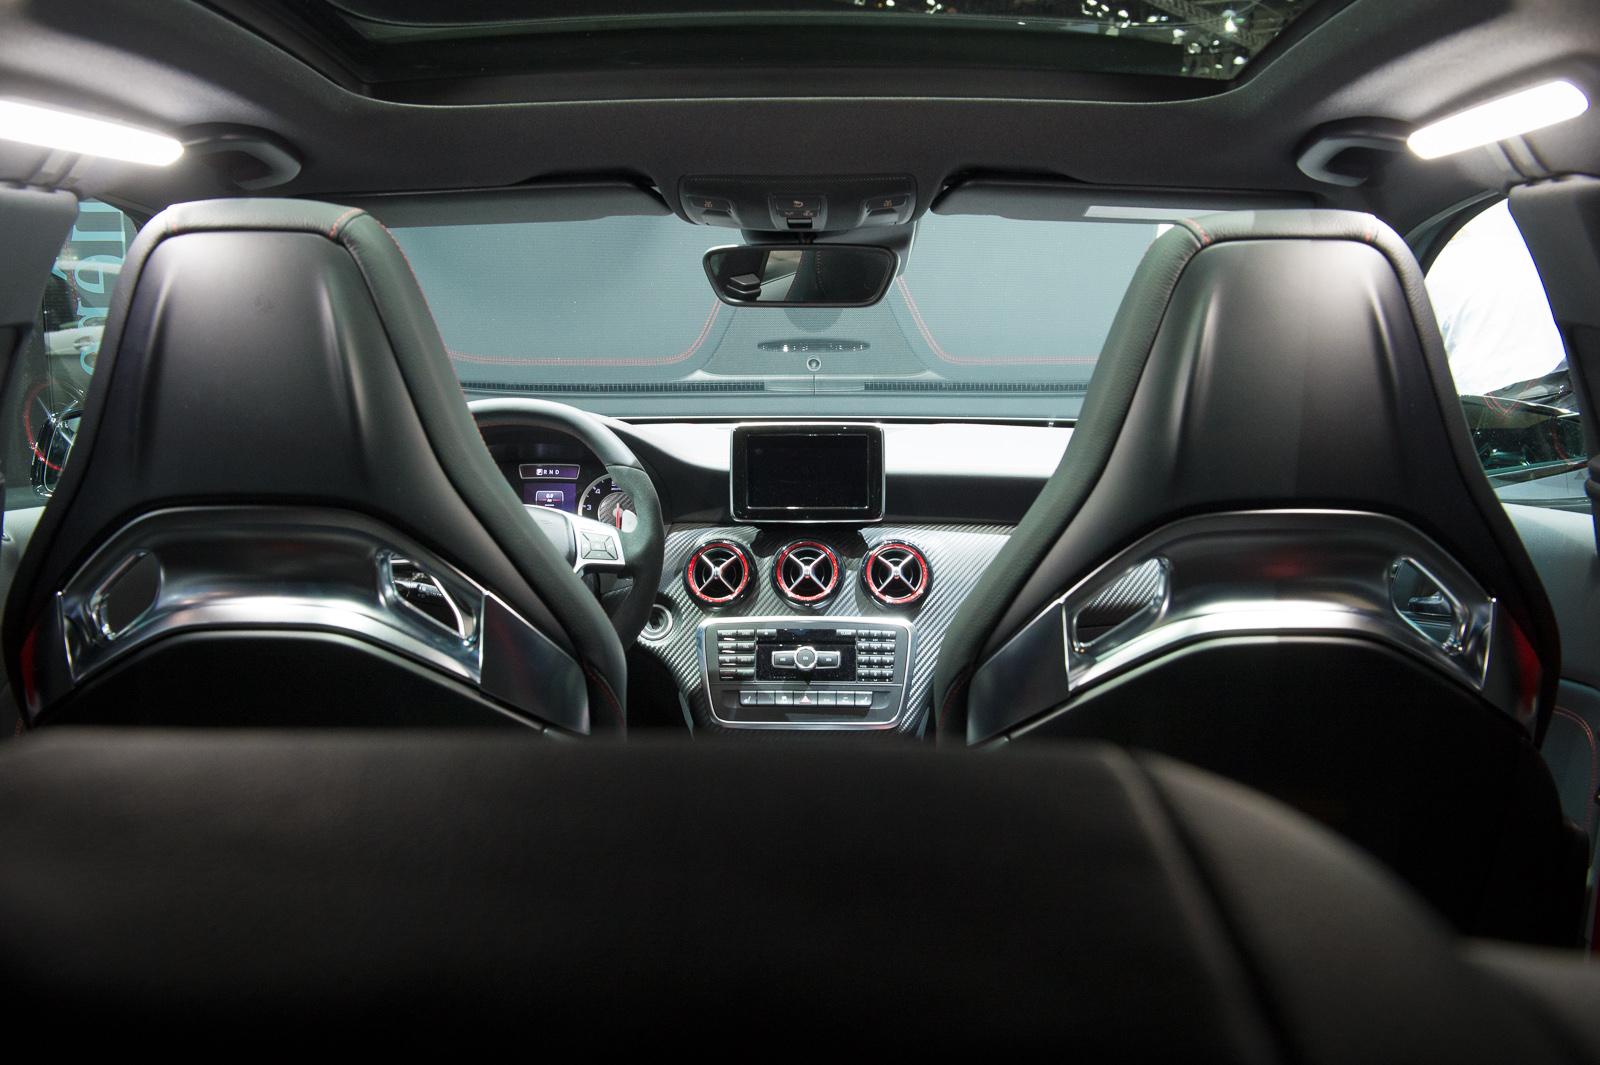 2013-mercedes-benz-a45-amg-mountaingrau-metallic-genf-auto-salon-09